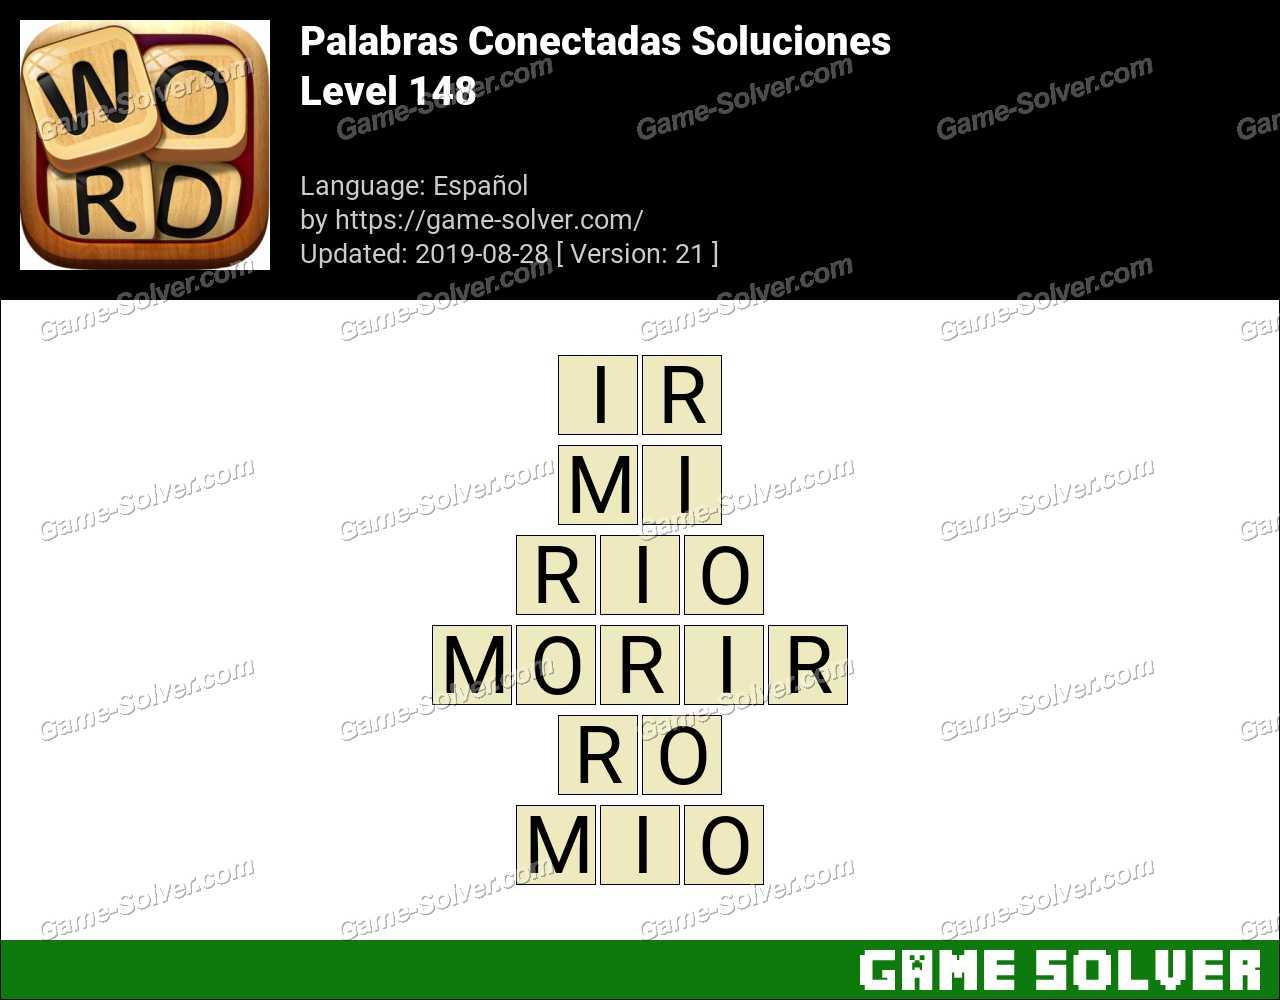 Palabras Conectadas Nivel 148 Soluciones